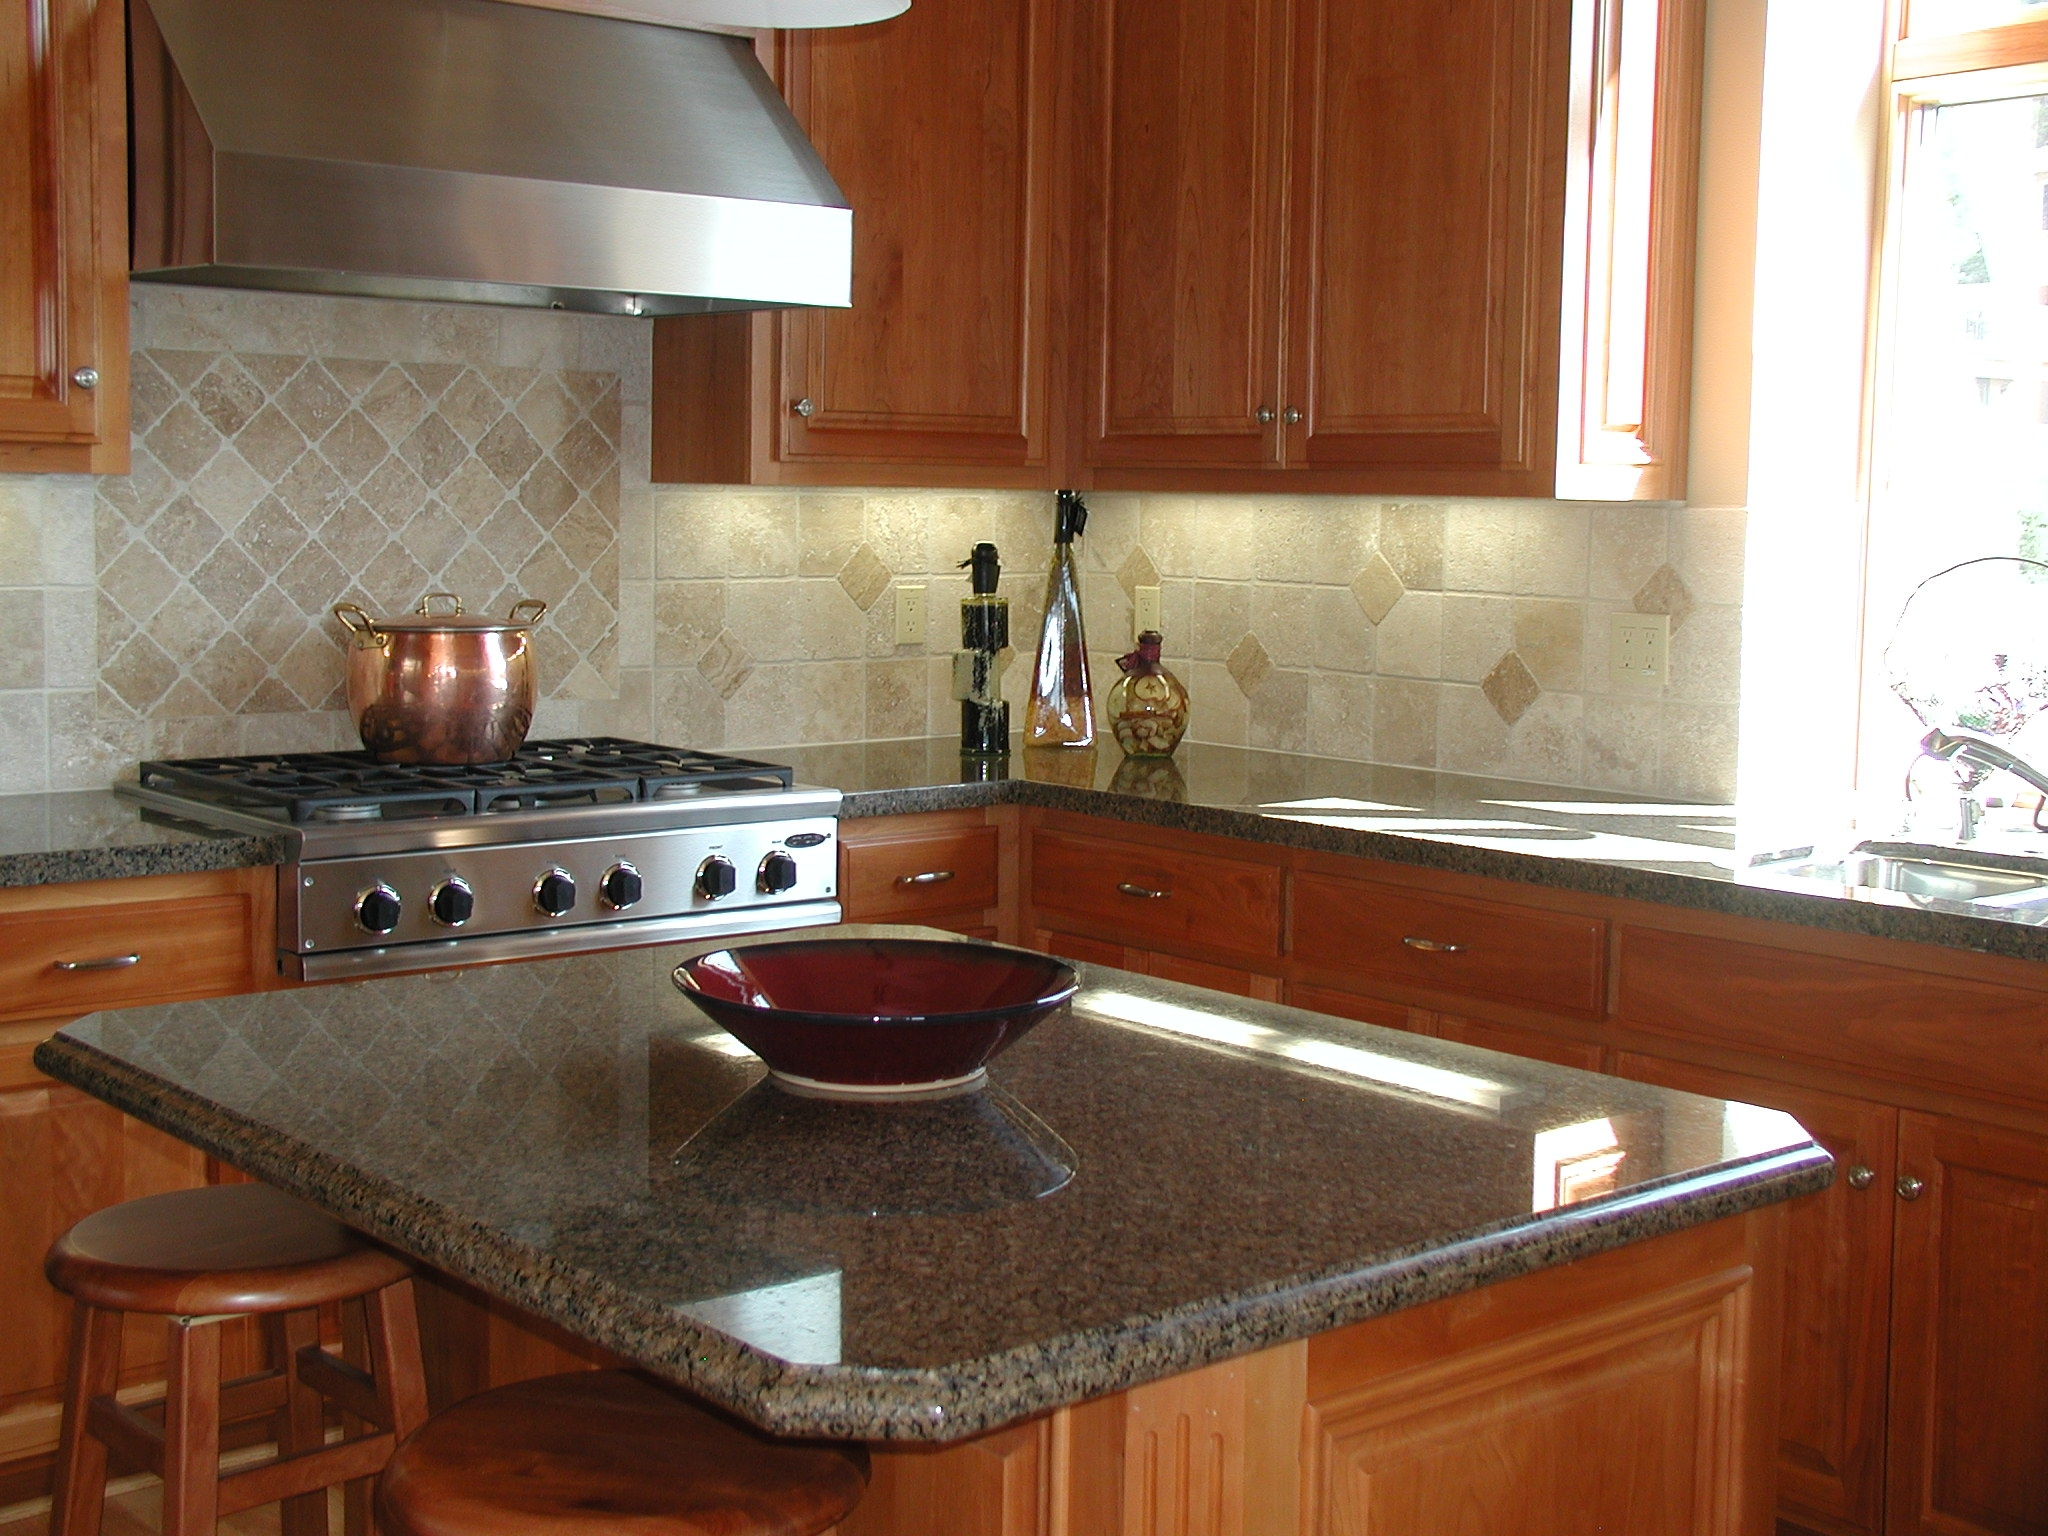 kitchen island for small kitchen photo - 1